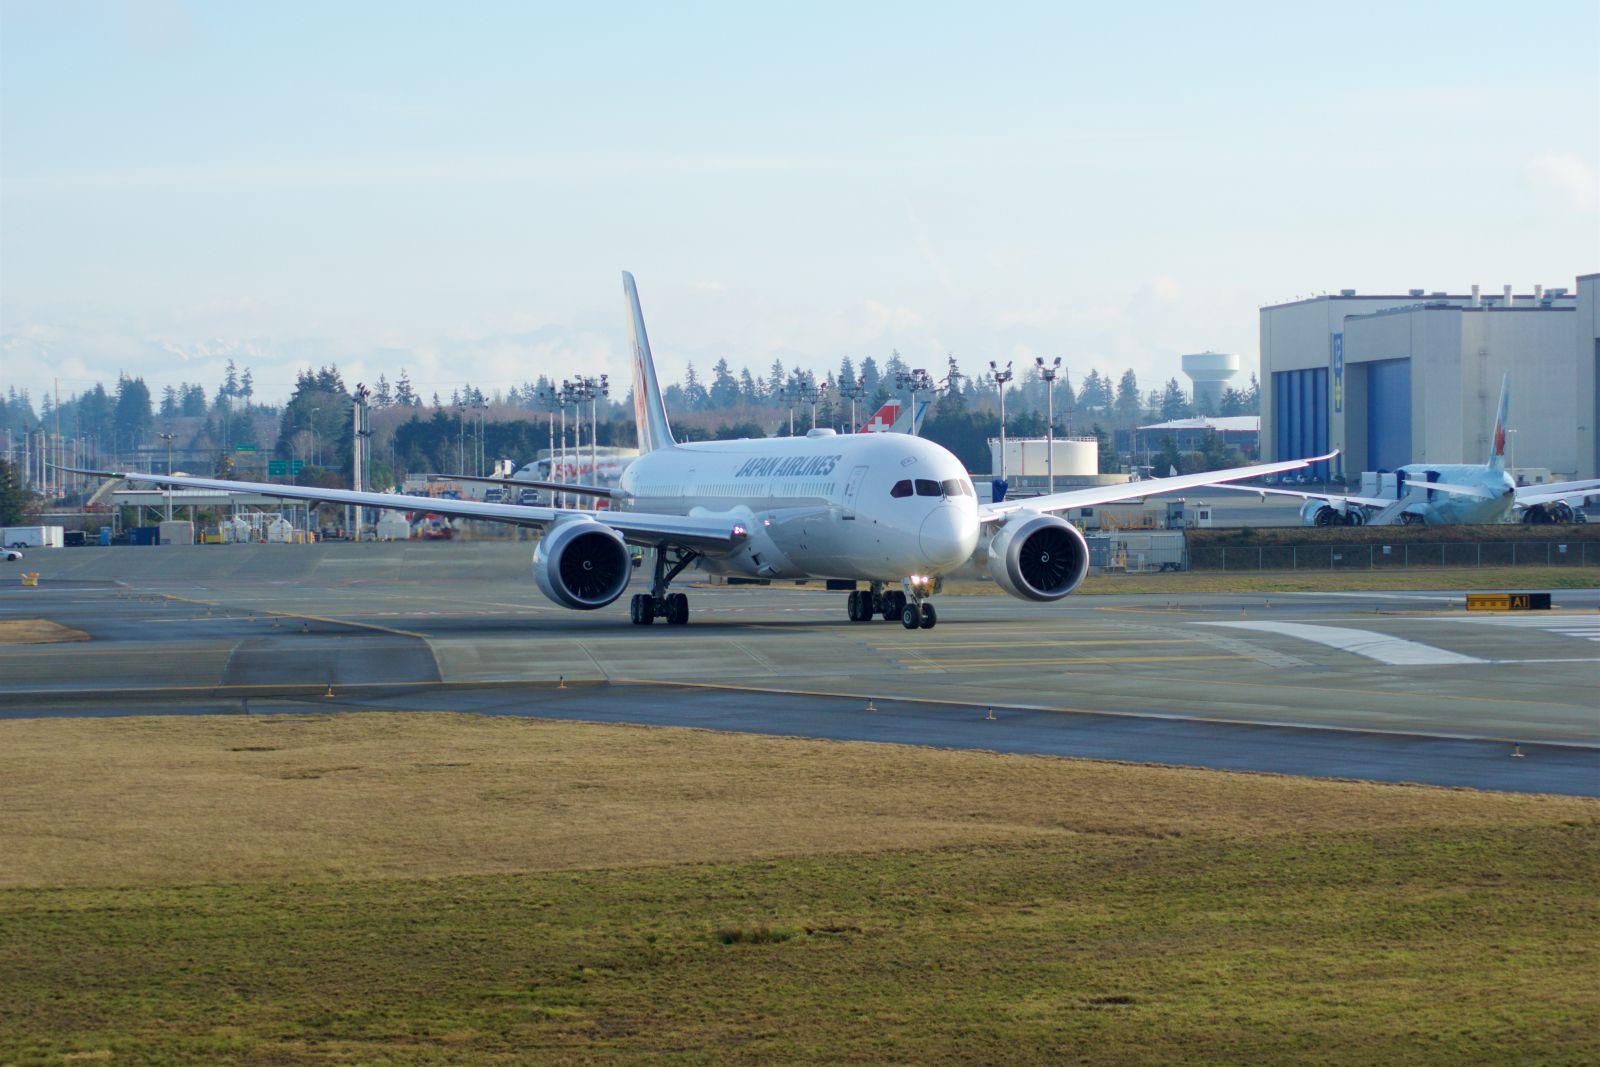 Seit März werden am Airport Paine Field nicht mehr nur die Boeing-Modelle 747, 767, 777 und 787 gebaut, sondern auch normale Linienflüge angeboten.